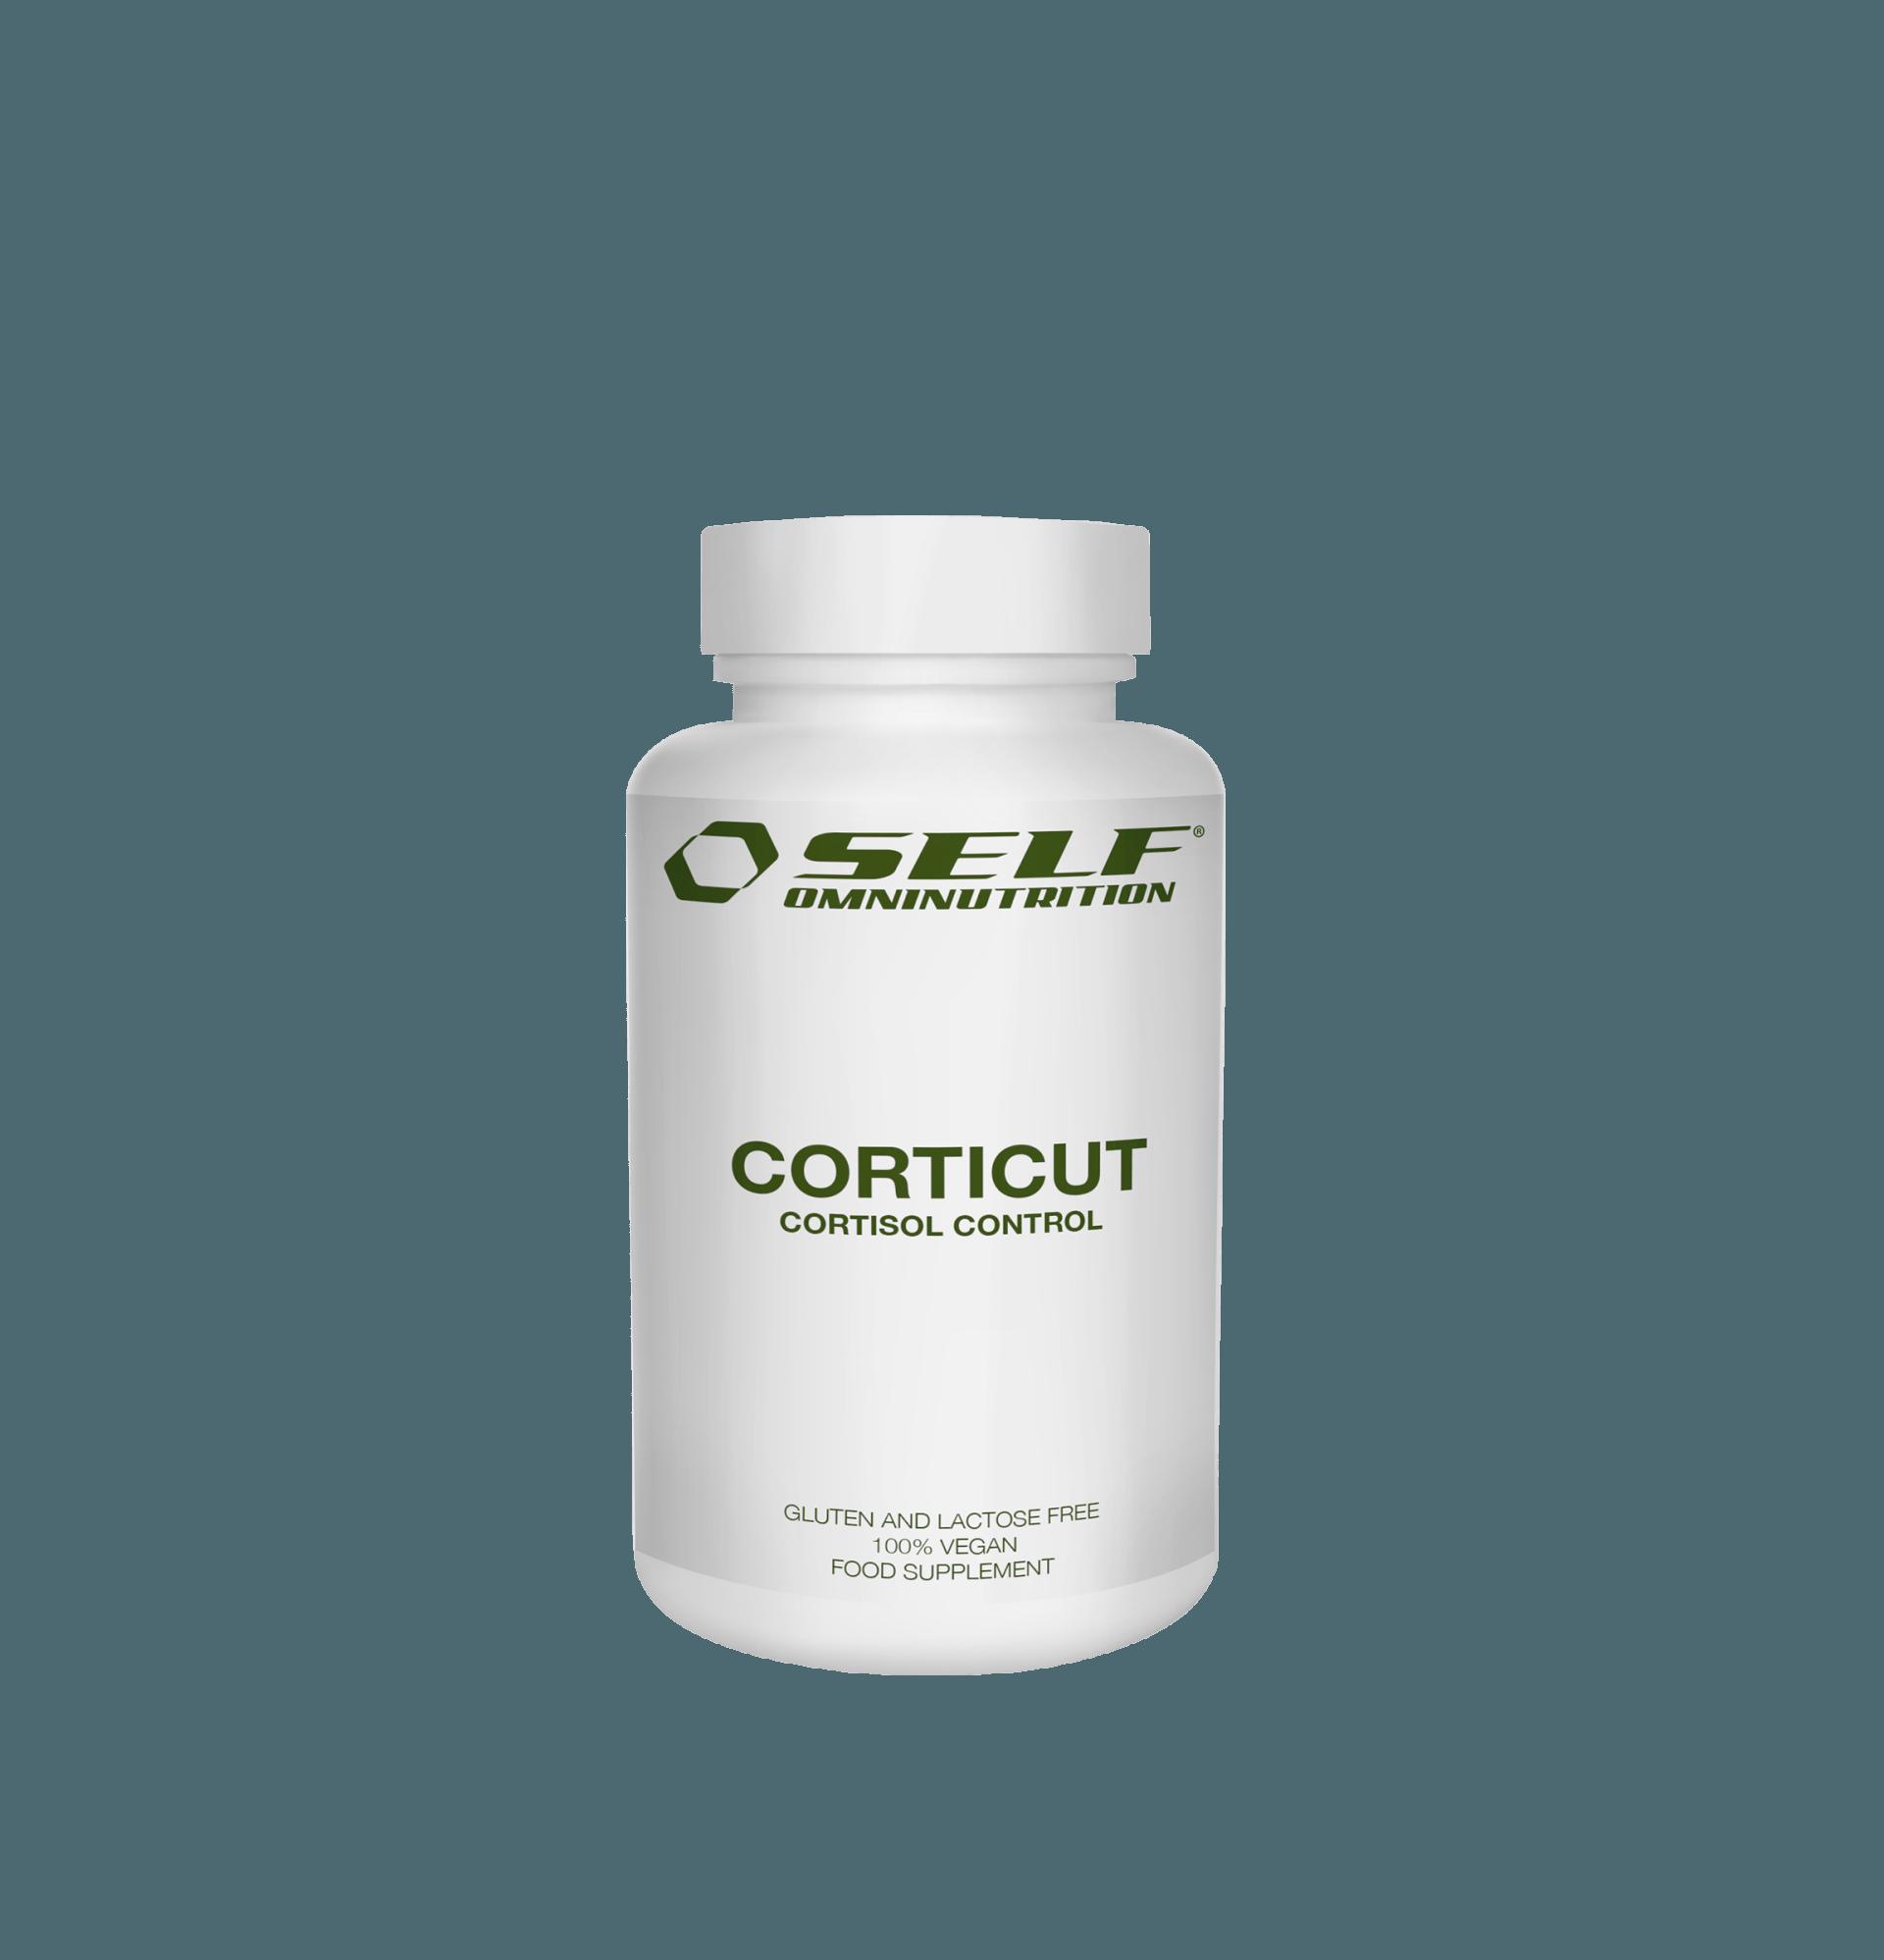 58509 corticut 120 comp